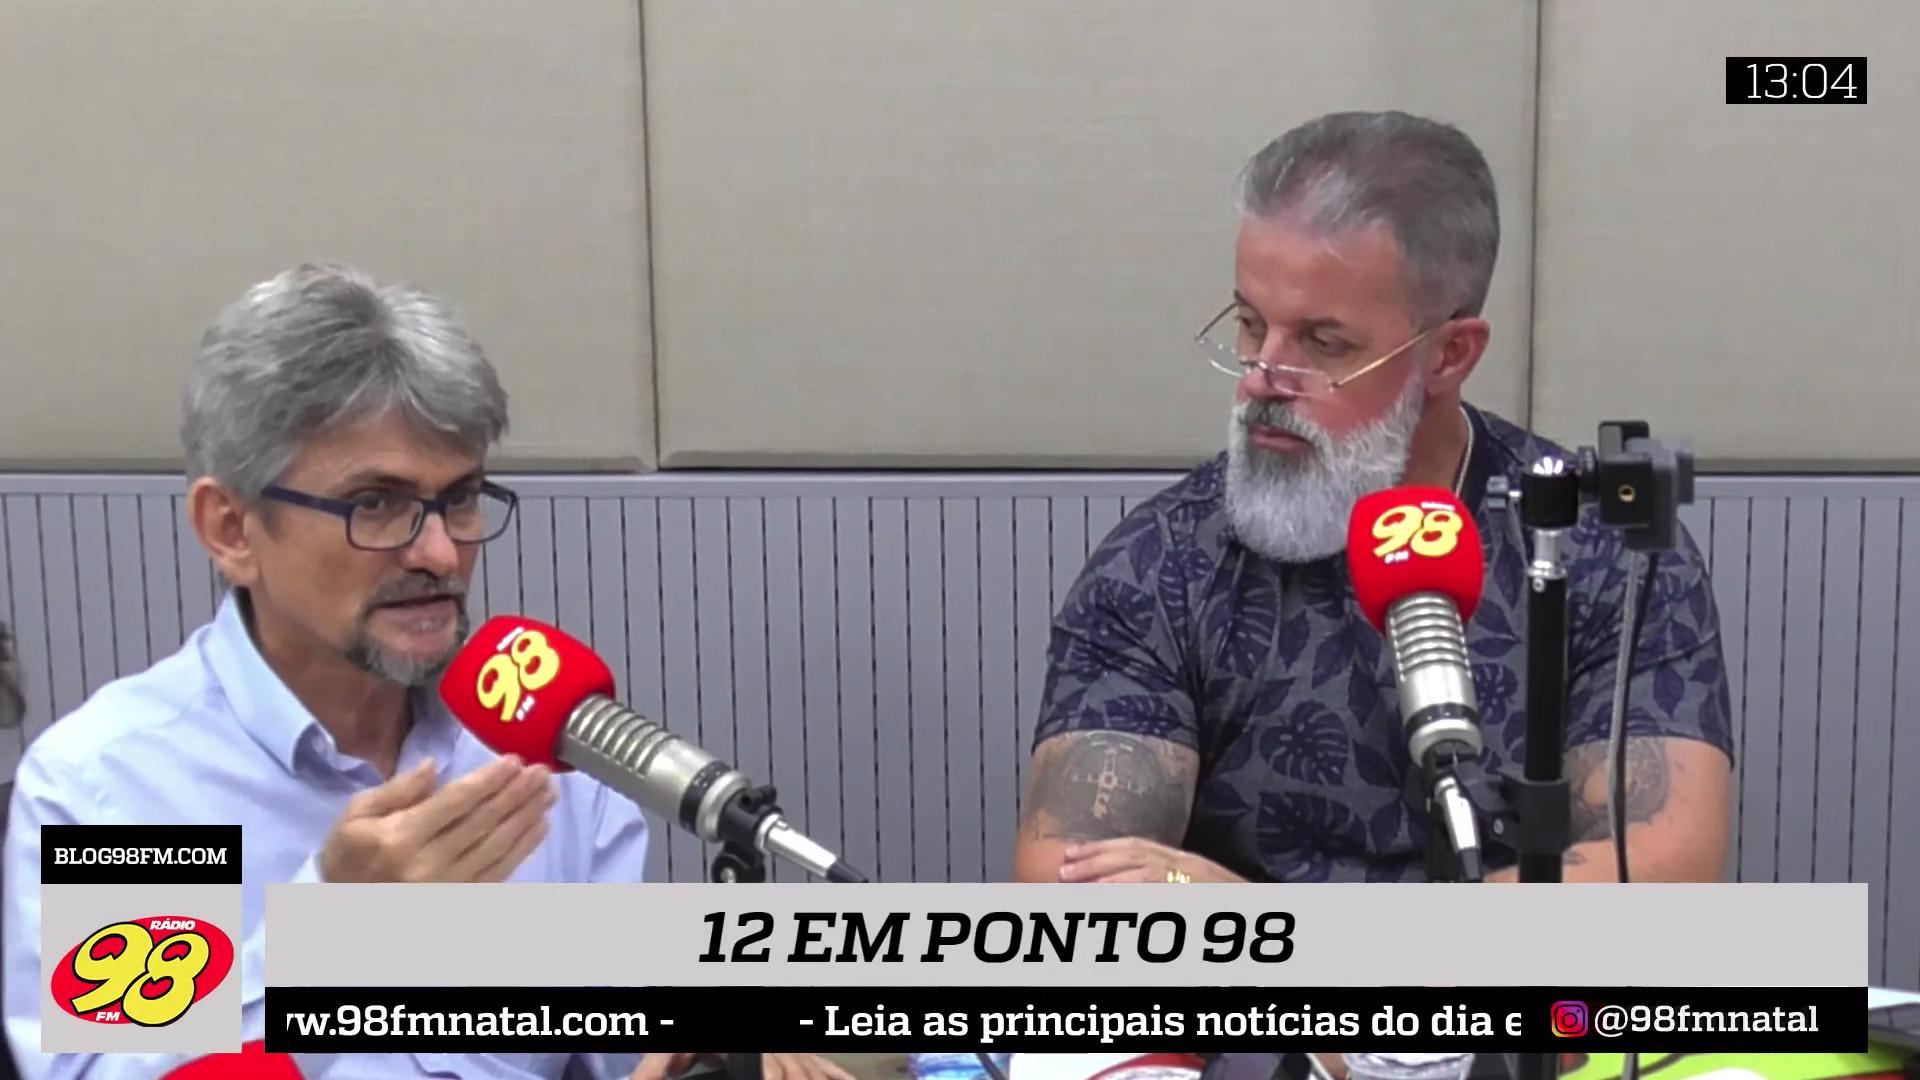 """Jogo de palavras: Cipriano Maia diz que não vai """"fechar Rui Pereira"""", apenas """"transferir pacientes e ações para outros hospitais"""""""